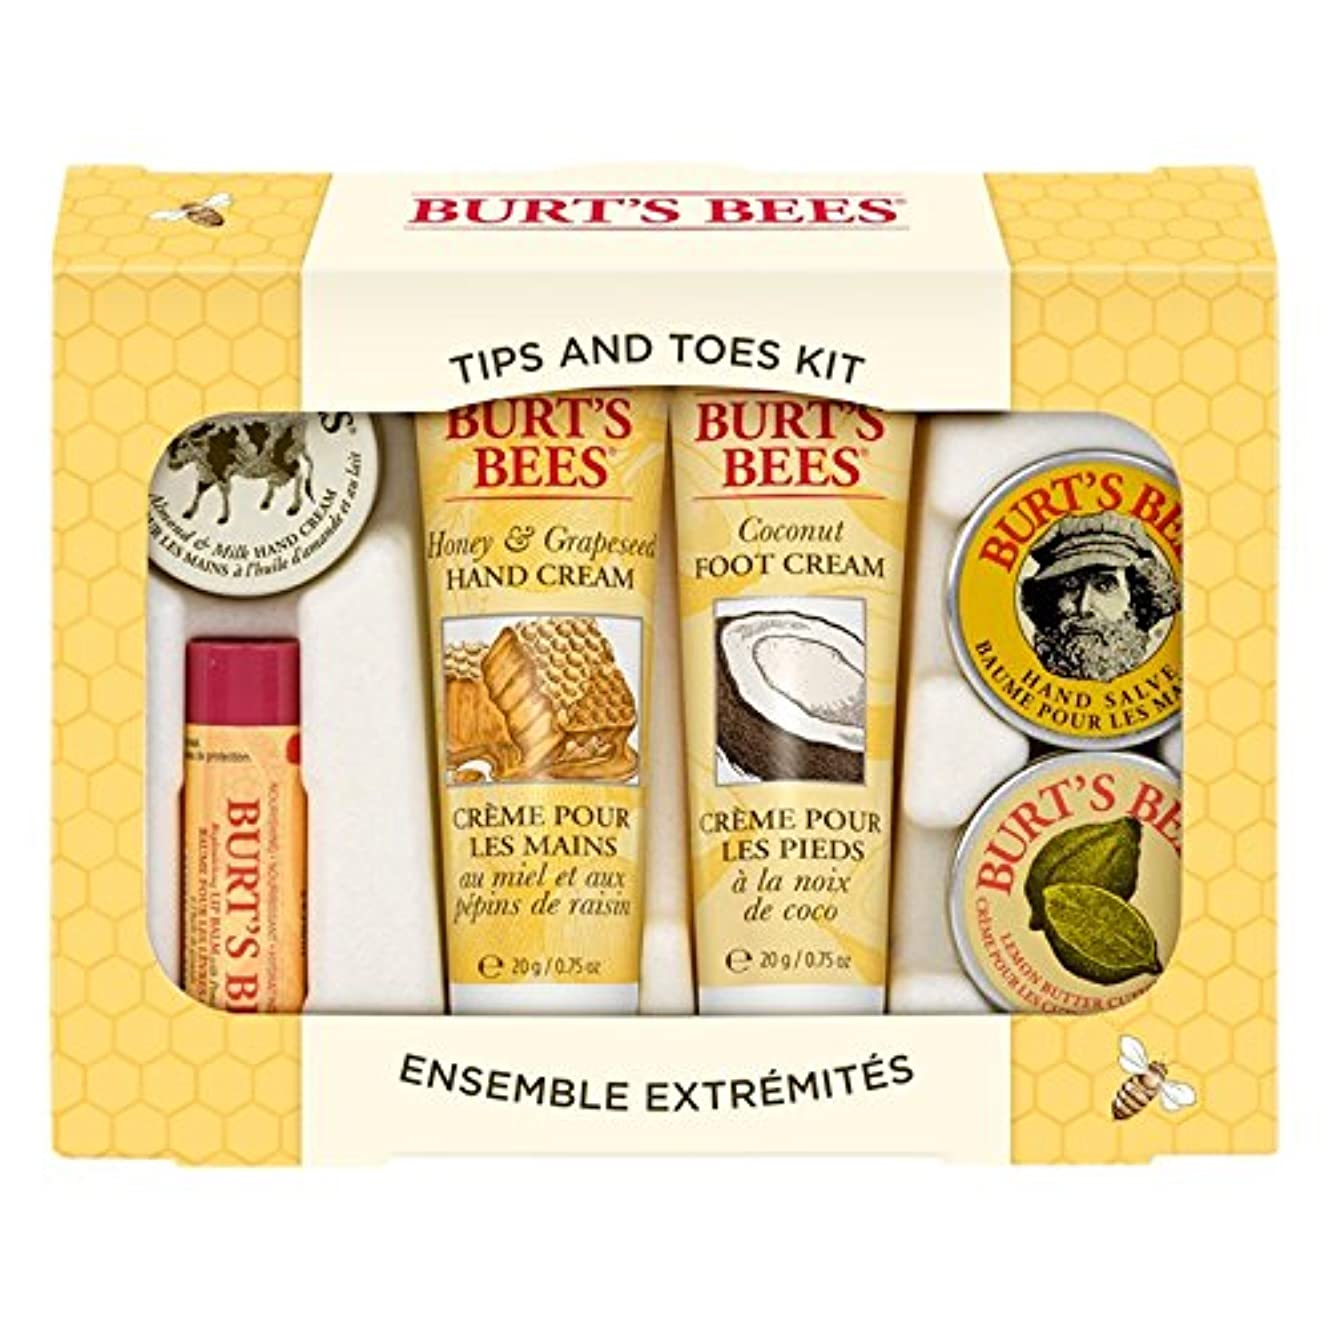 称賛スイングに沿ってバーツビーのヒントとつま先はスターターキットをスキンケア (Burt's Bees) - Burt's Bees Tips And Toes Skincare Starter Kit [並行輸入品]